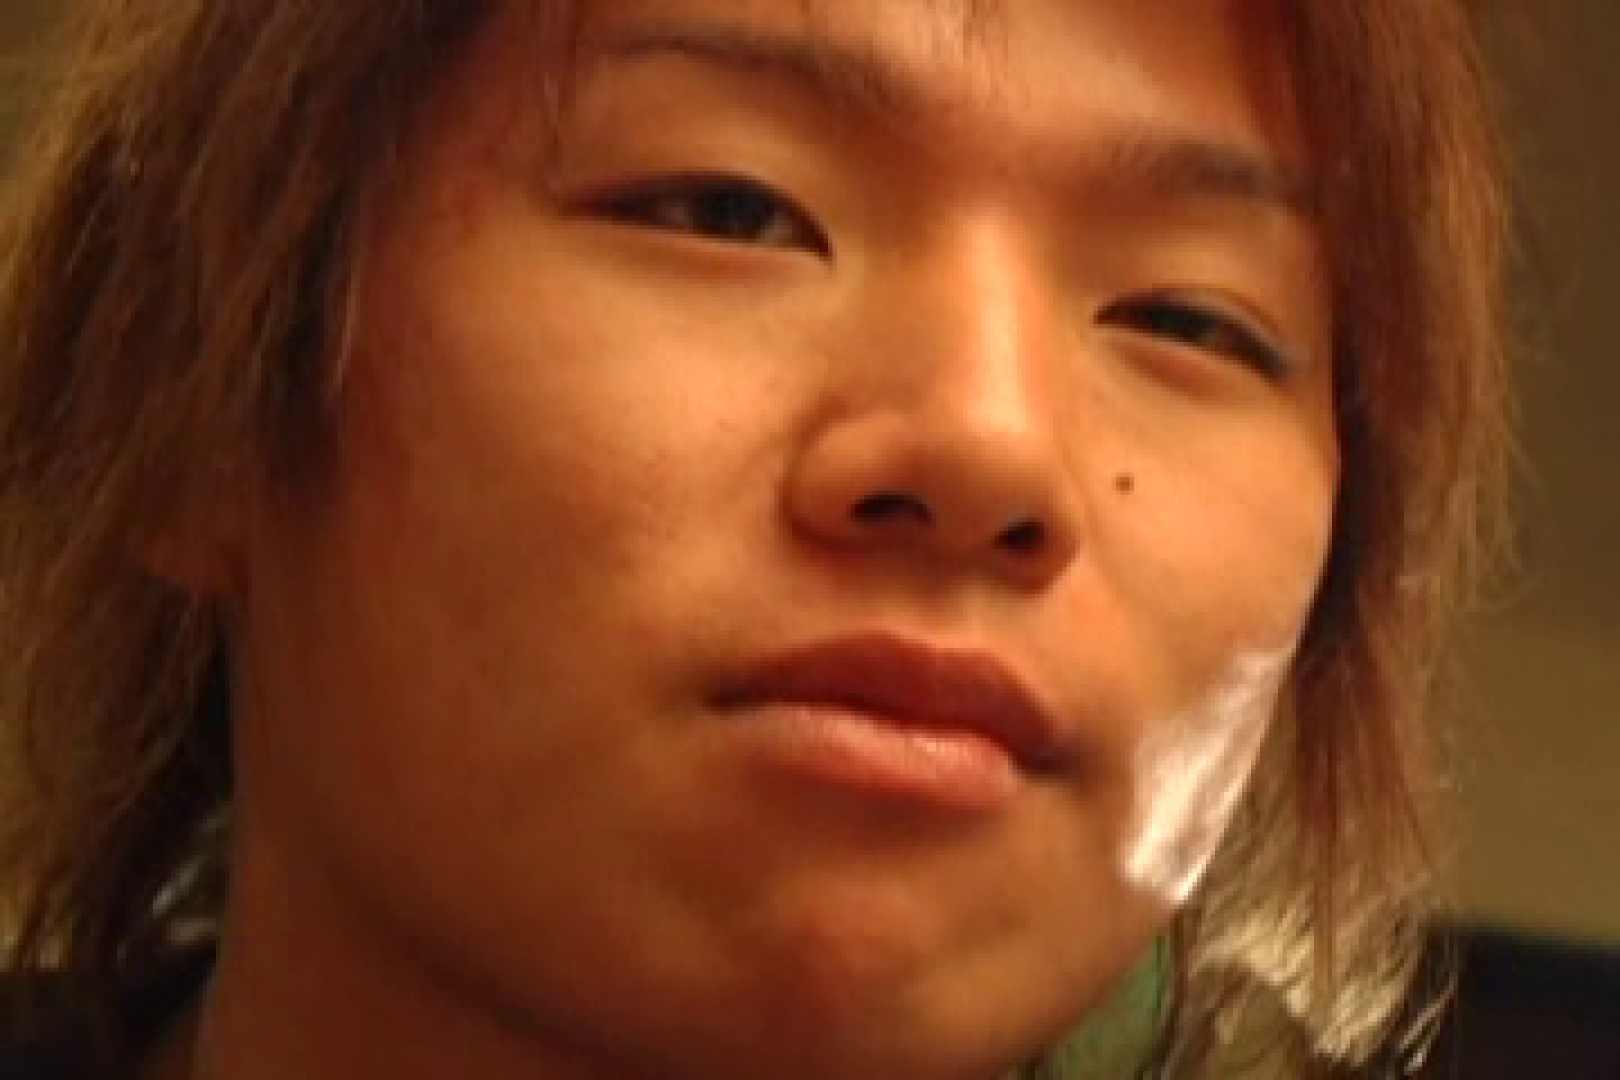 美しいmensは「トロマン」が大好き!!vol.01 人気シリーズ ペニス画像 90枚 5